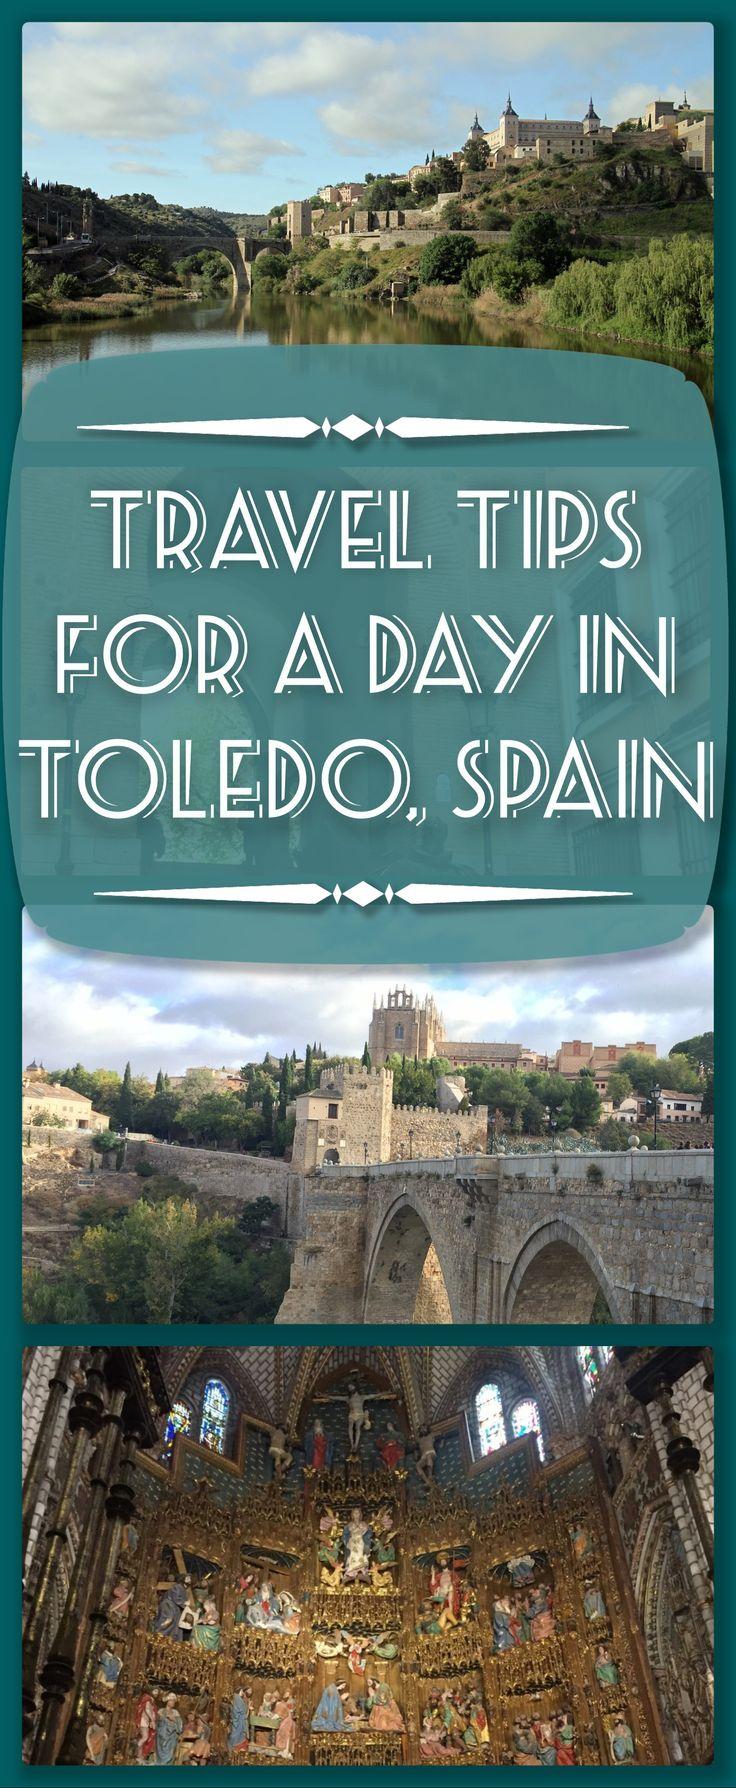 Travel Tips for Toledo, Spain